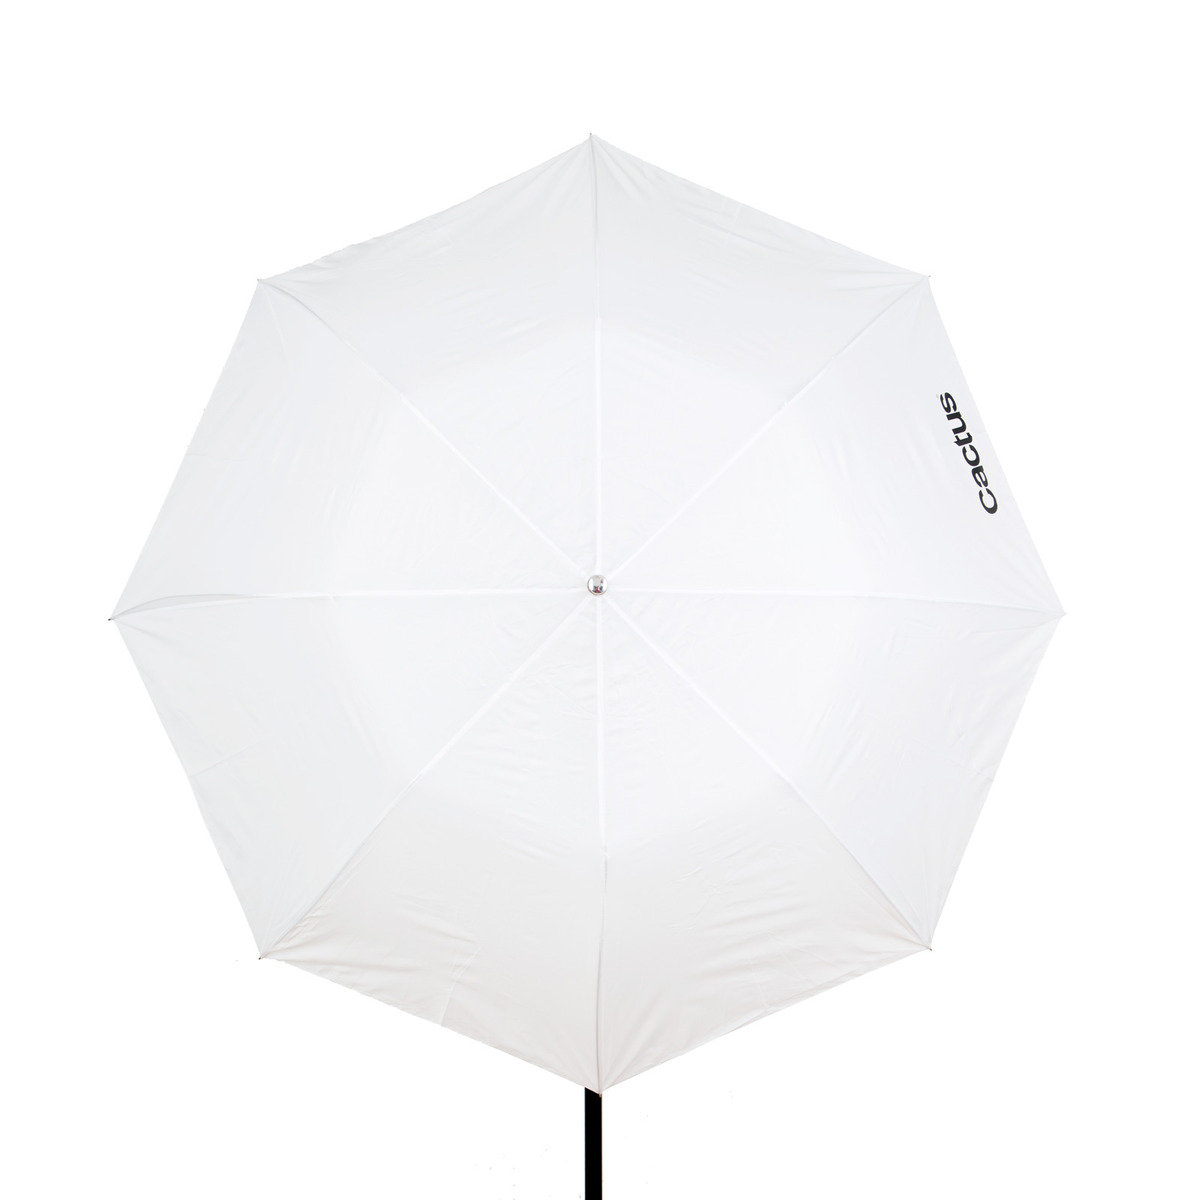 C-451 45吋白色折疊式柔光傘